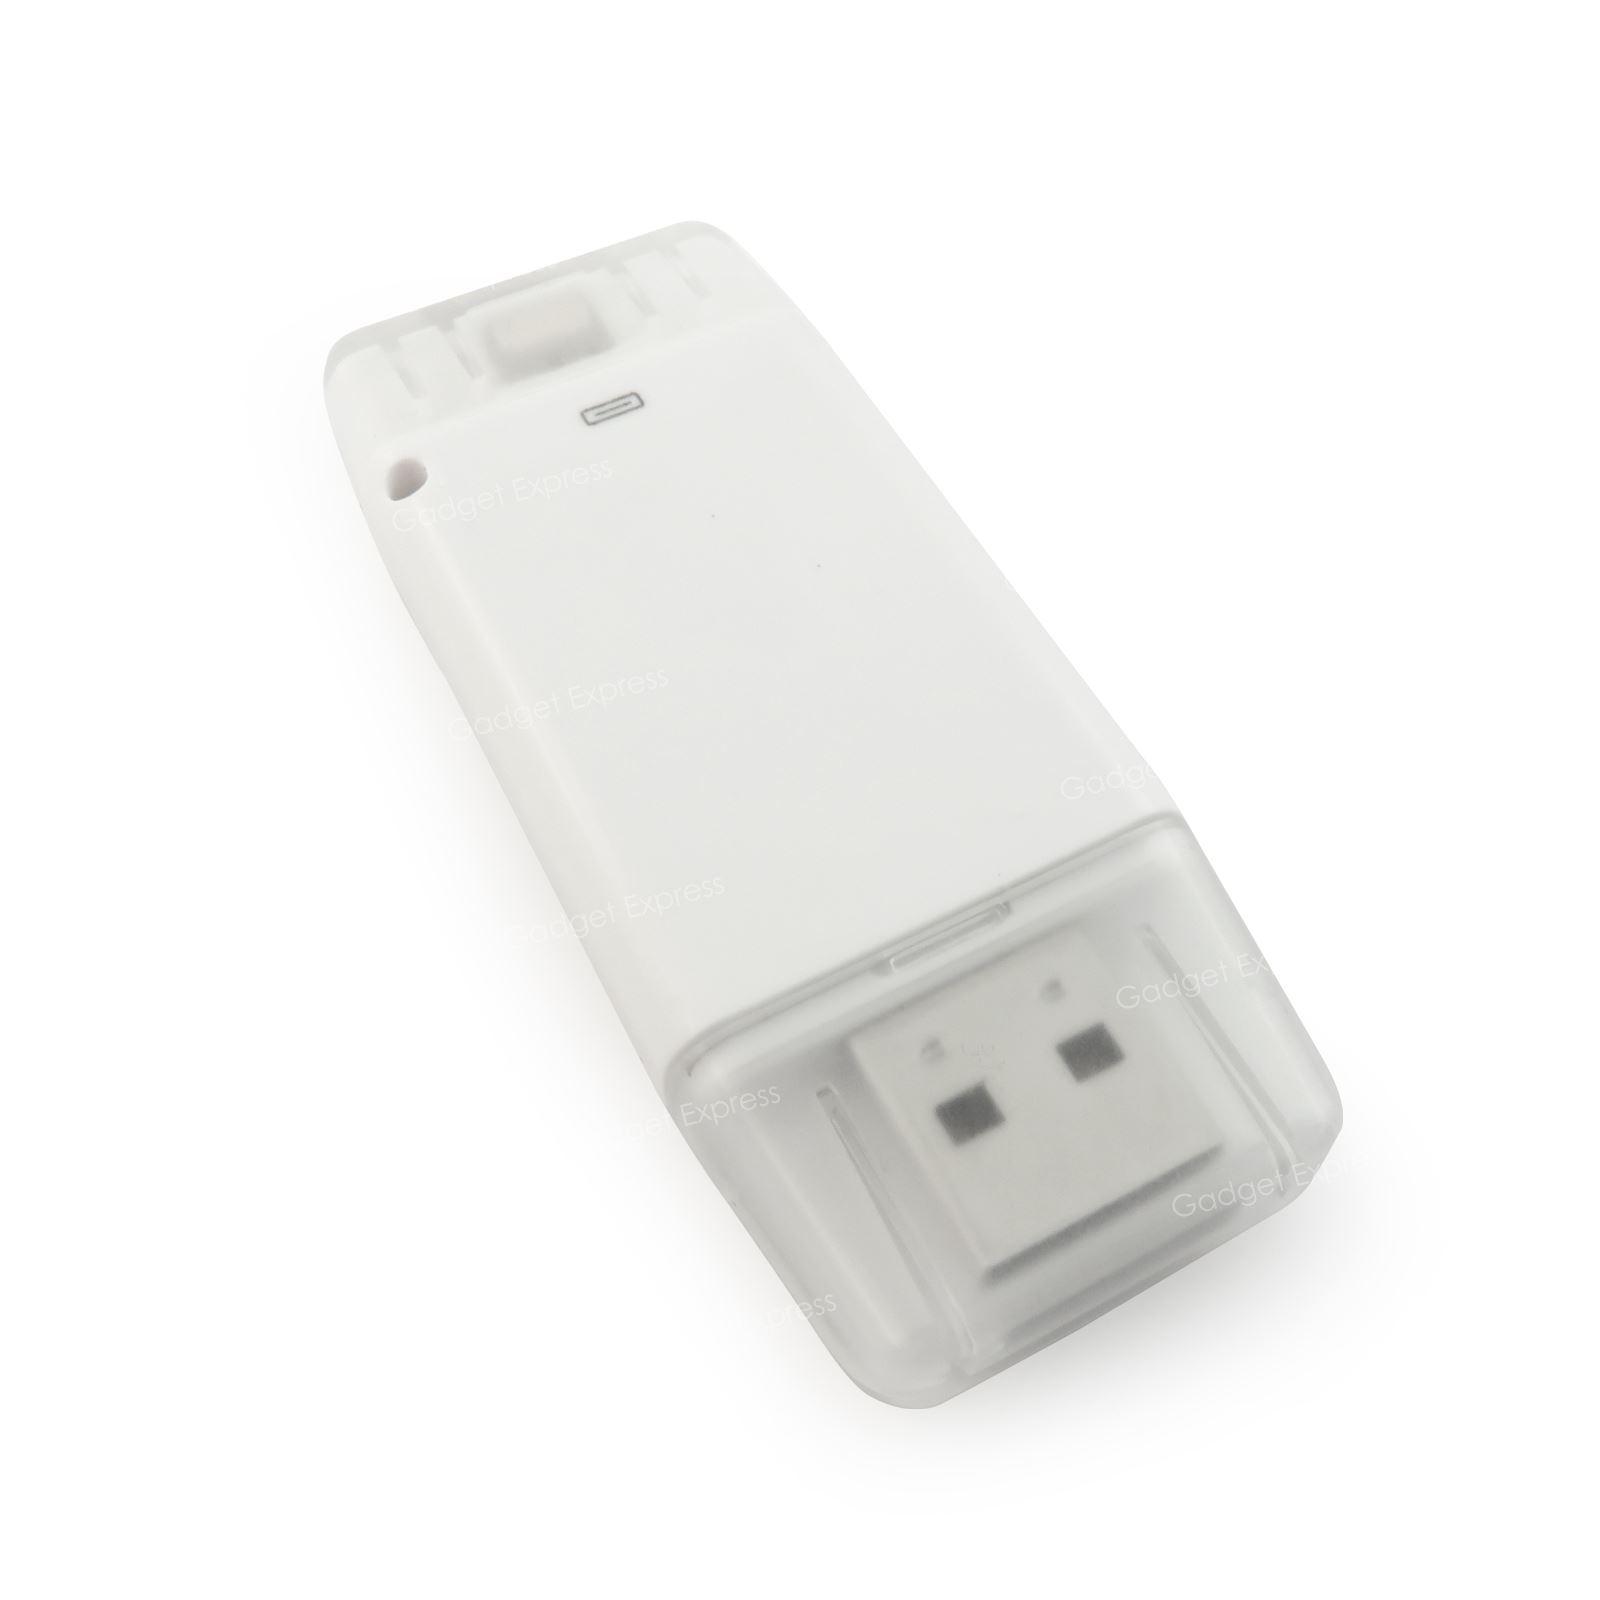 neu 16gb externer speicher flash drive usb stick f r ipad. Black Bedroom Furniture Sets. Home Design Ideas